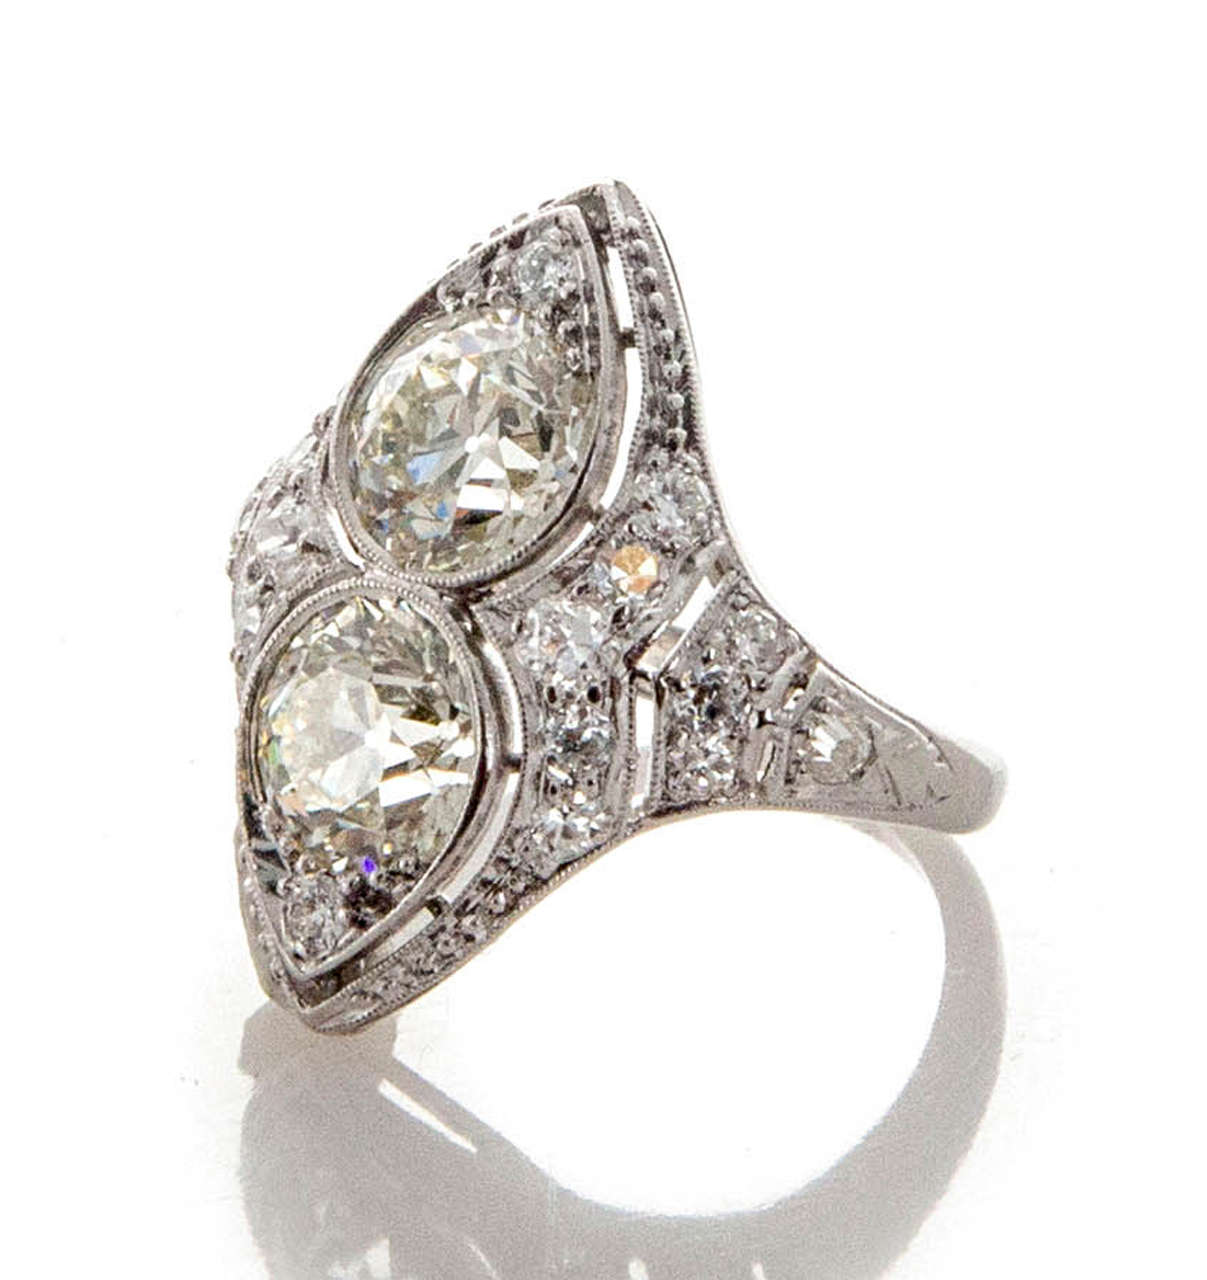 deco unique european cut platinum ring